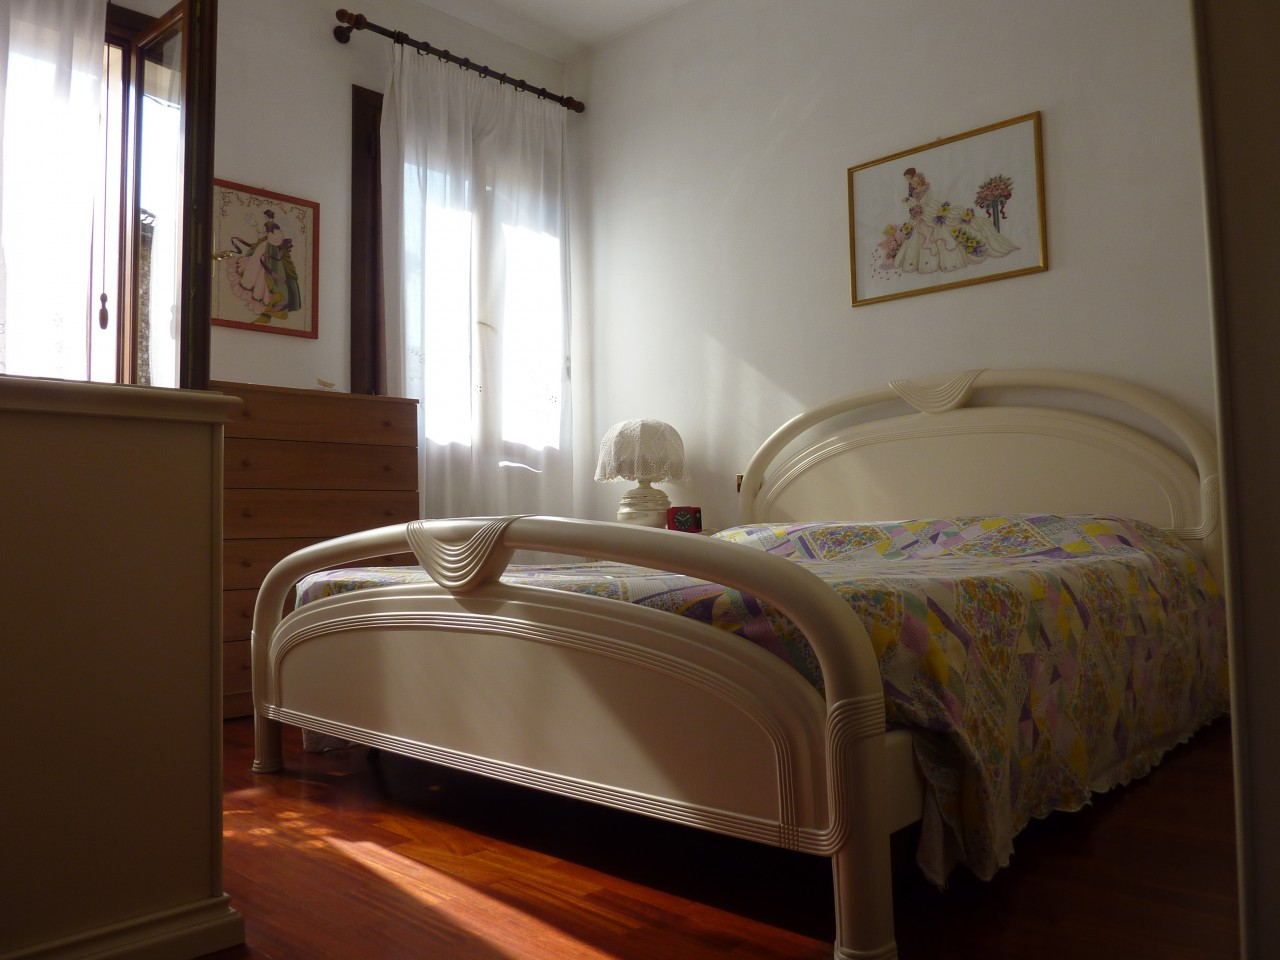 casa (186 mq) + laboratorio (242 mq) - 4 camere 2 bagni - VOLPAGO DEL MONTELLO (TV)